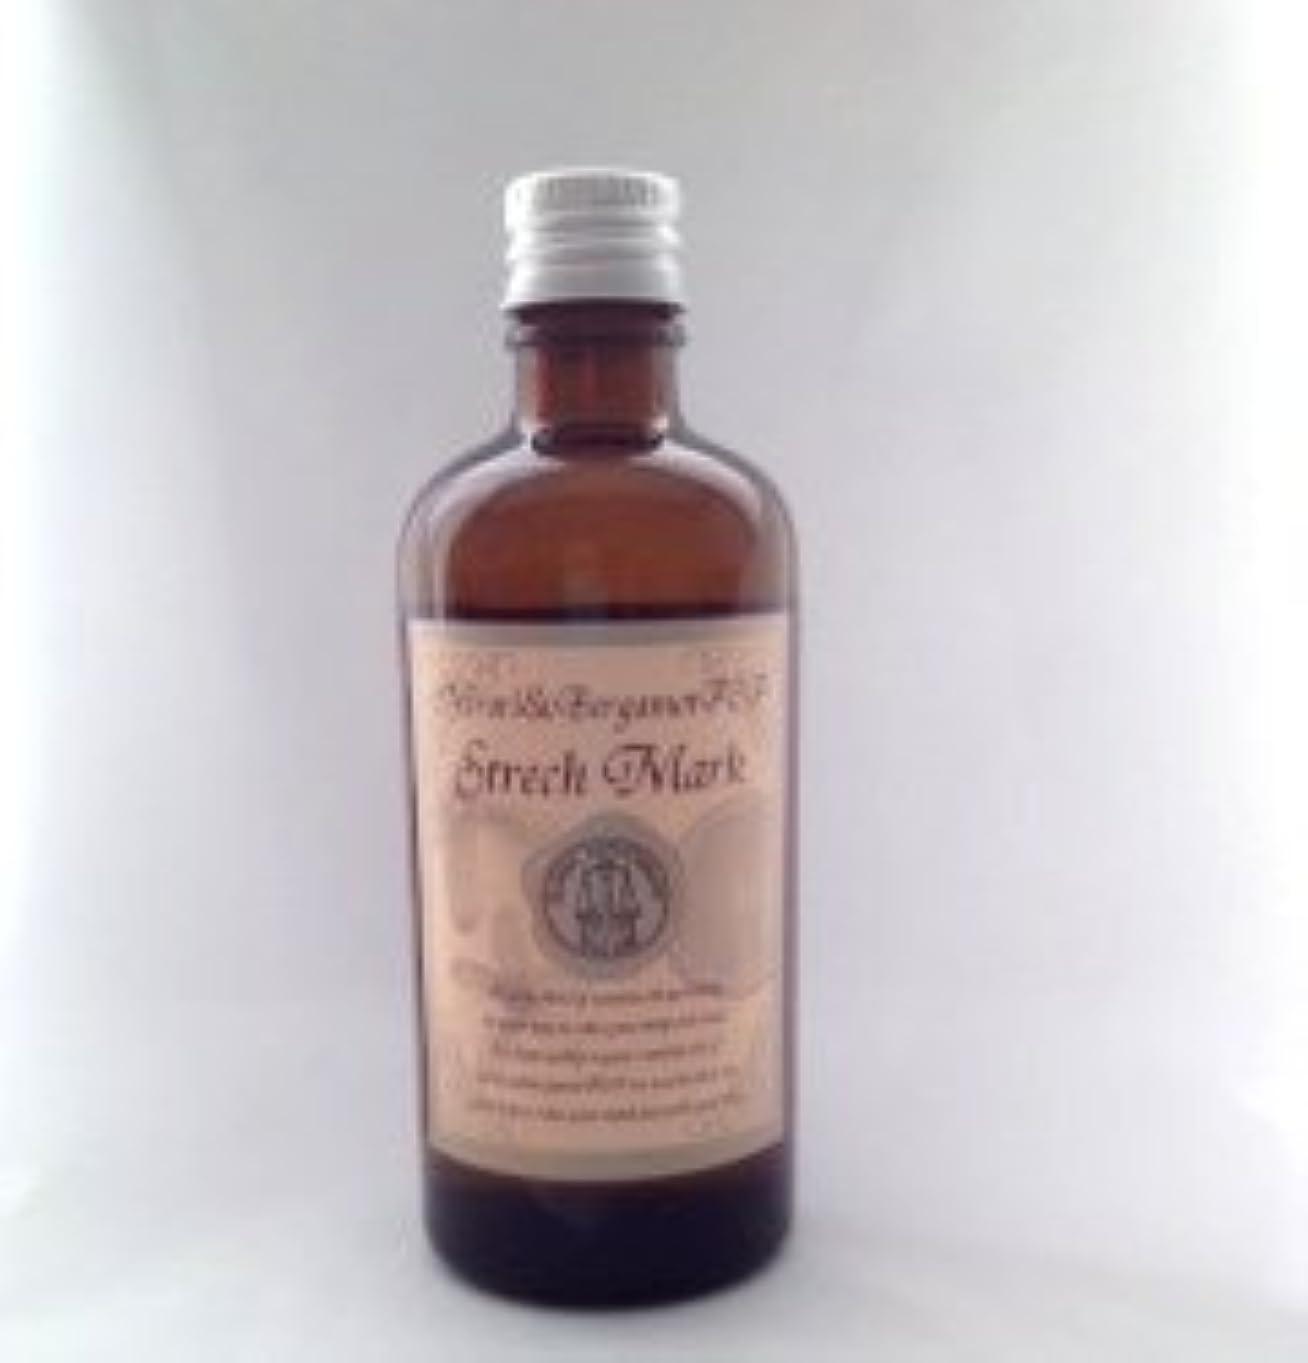 プレビスサイト州裁判所ヒーリングボディアロマオイル ストレッチマーク 105ml ネロリ&ベルガモットFCFの香り